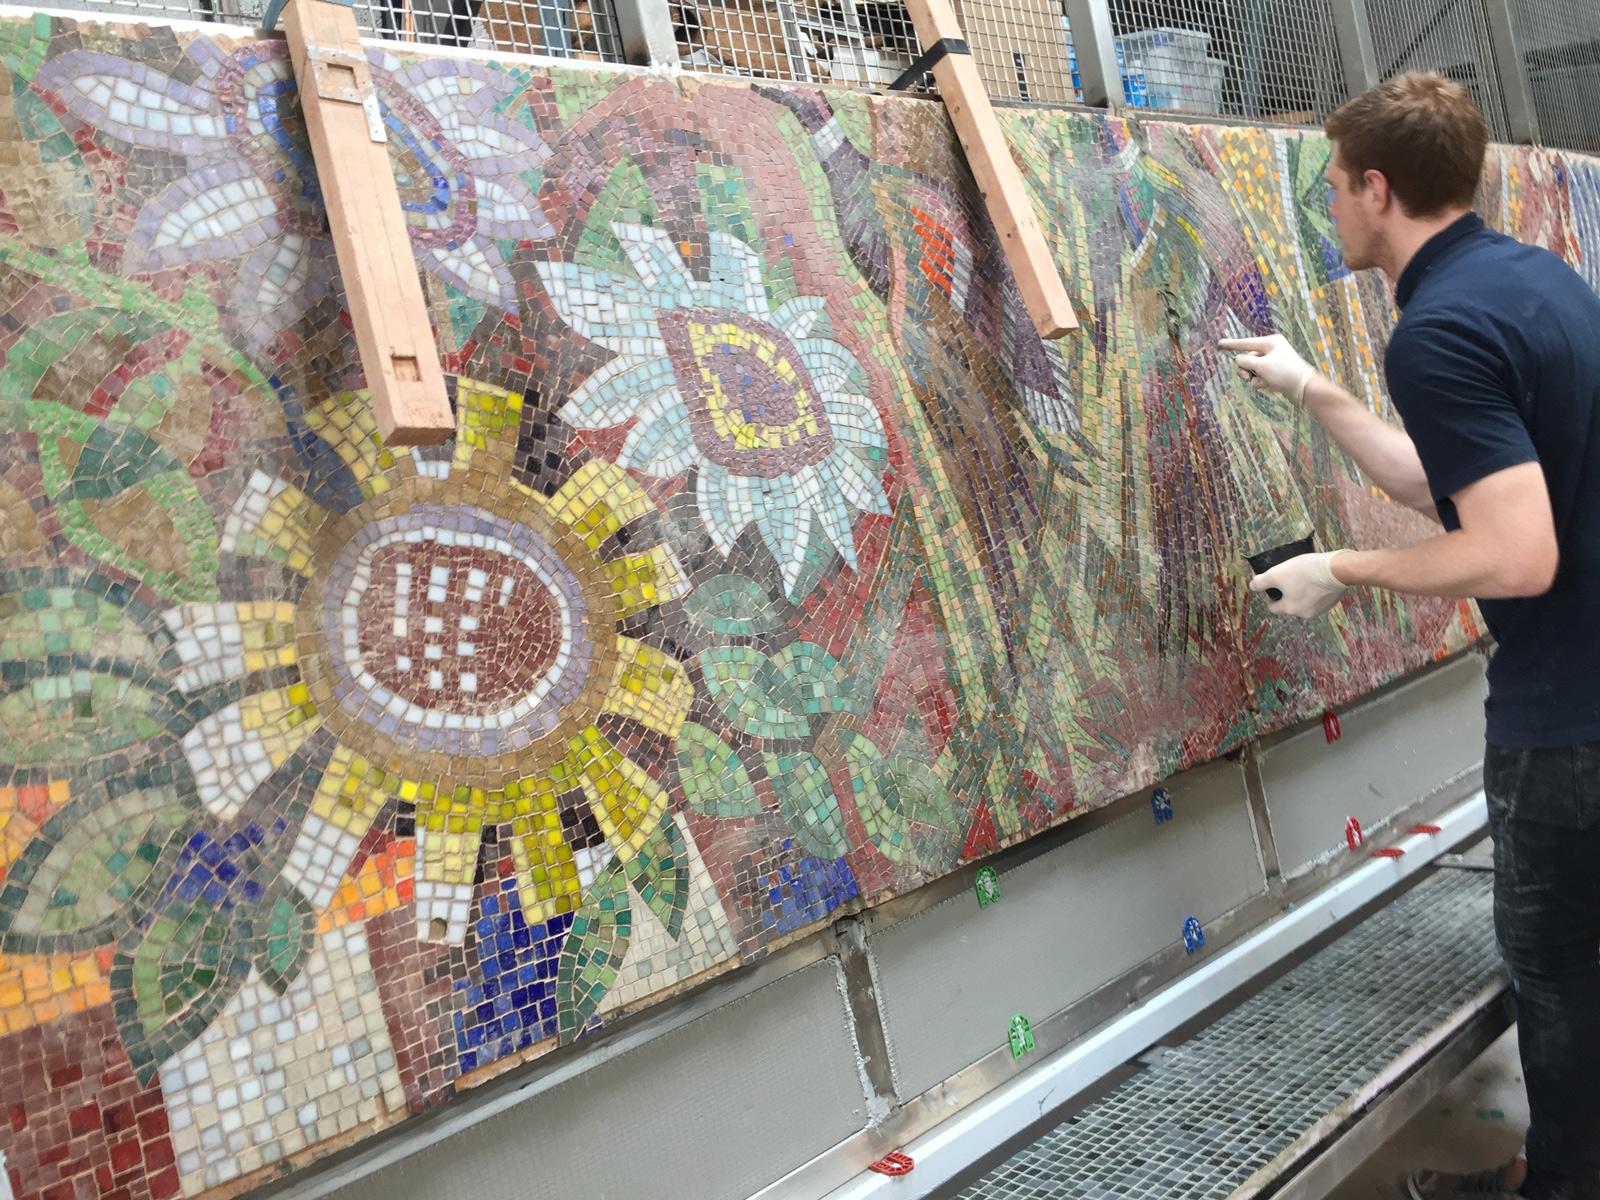 leeds-college-of-art-2015-mosaic-workshop-frame